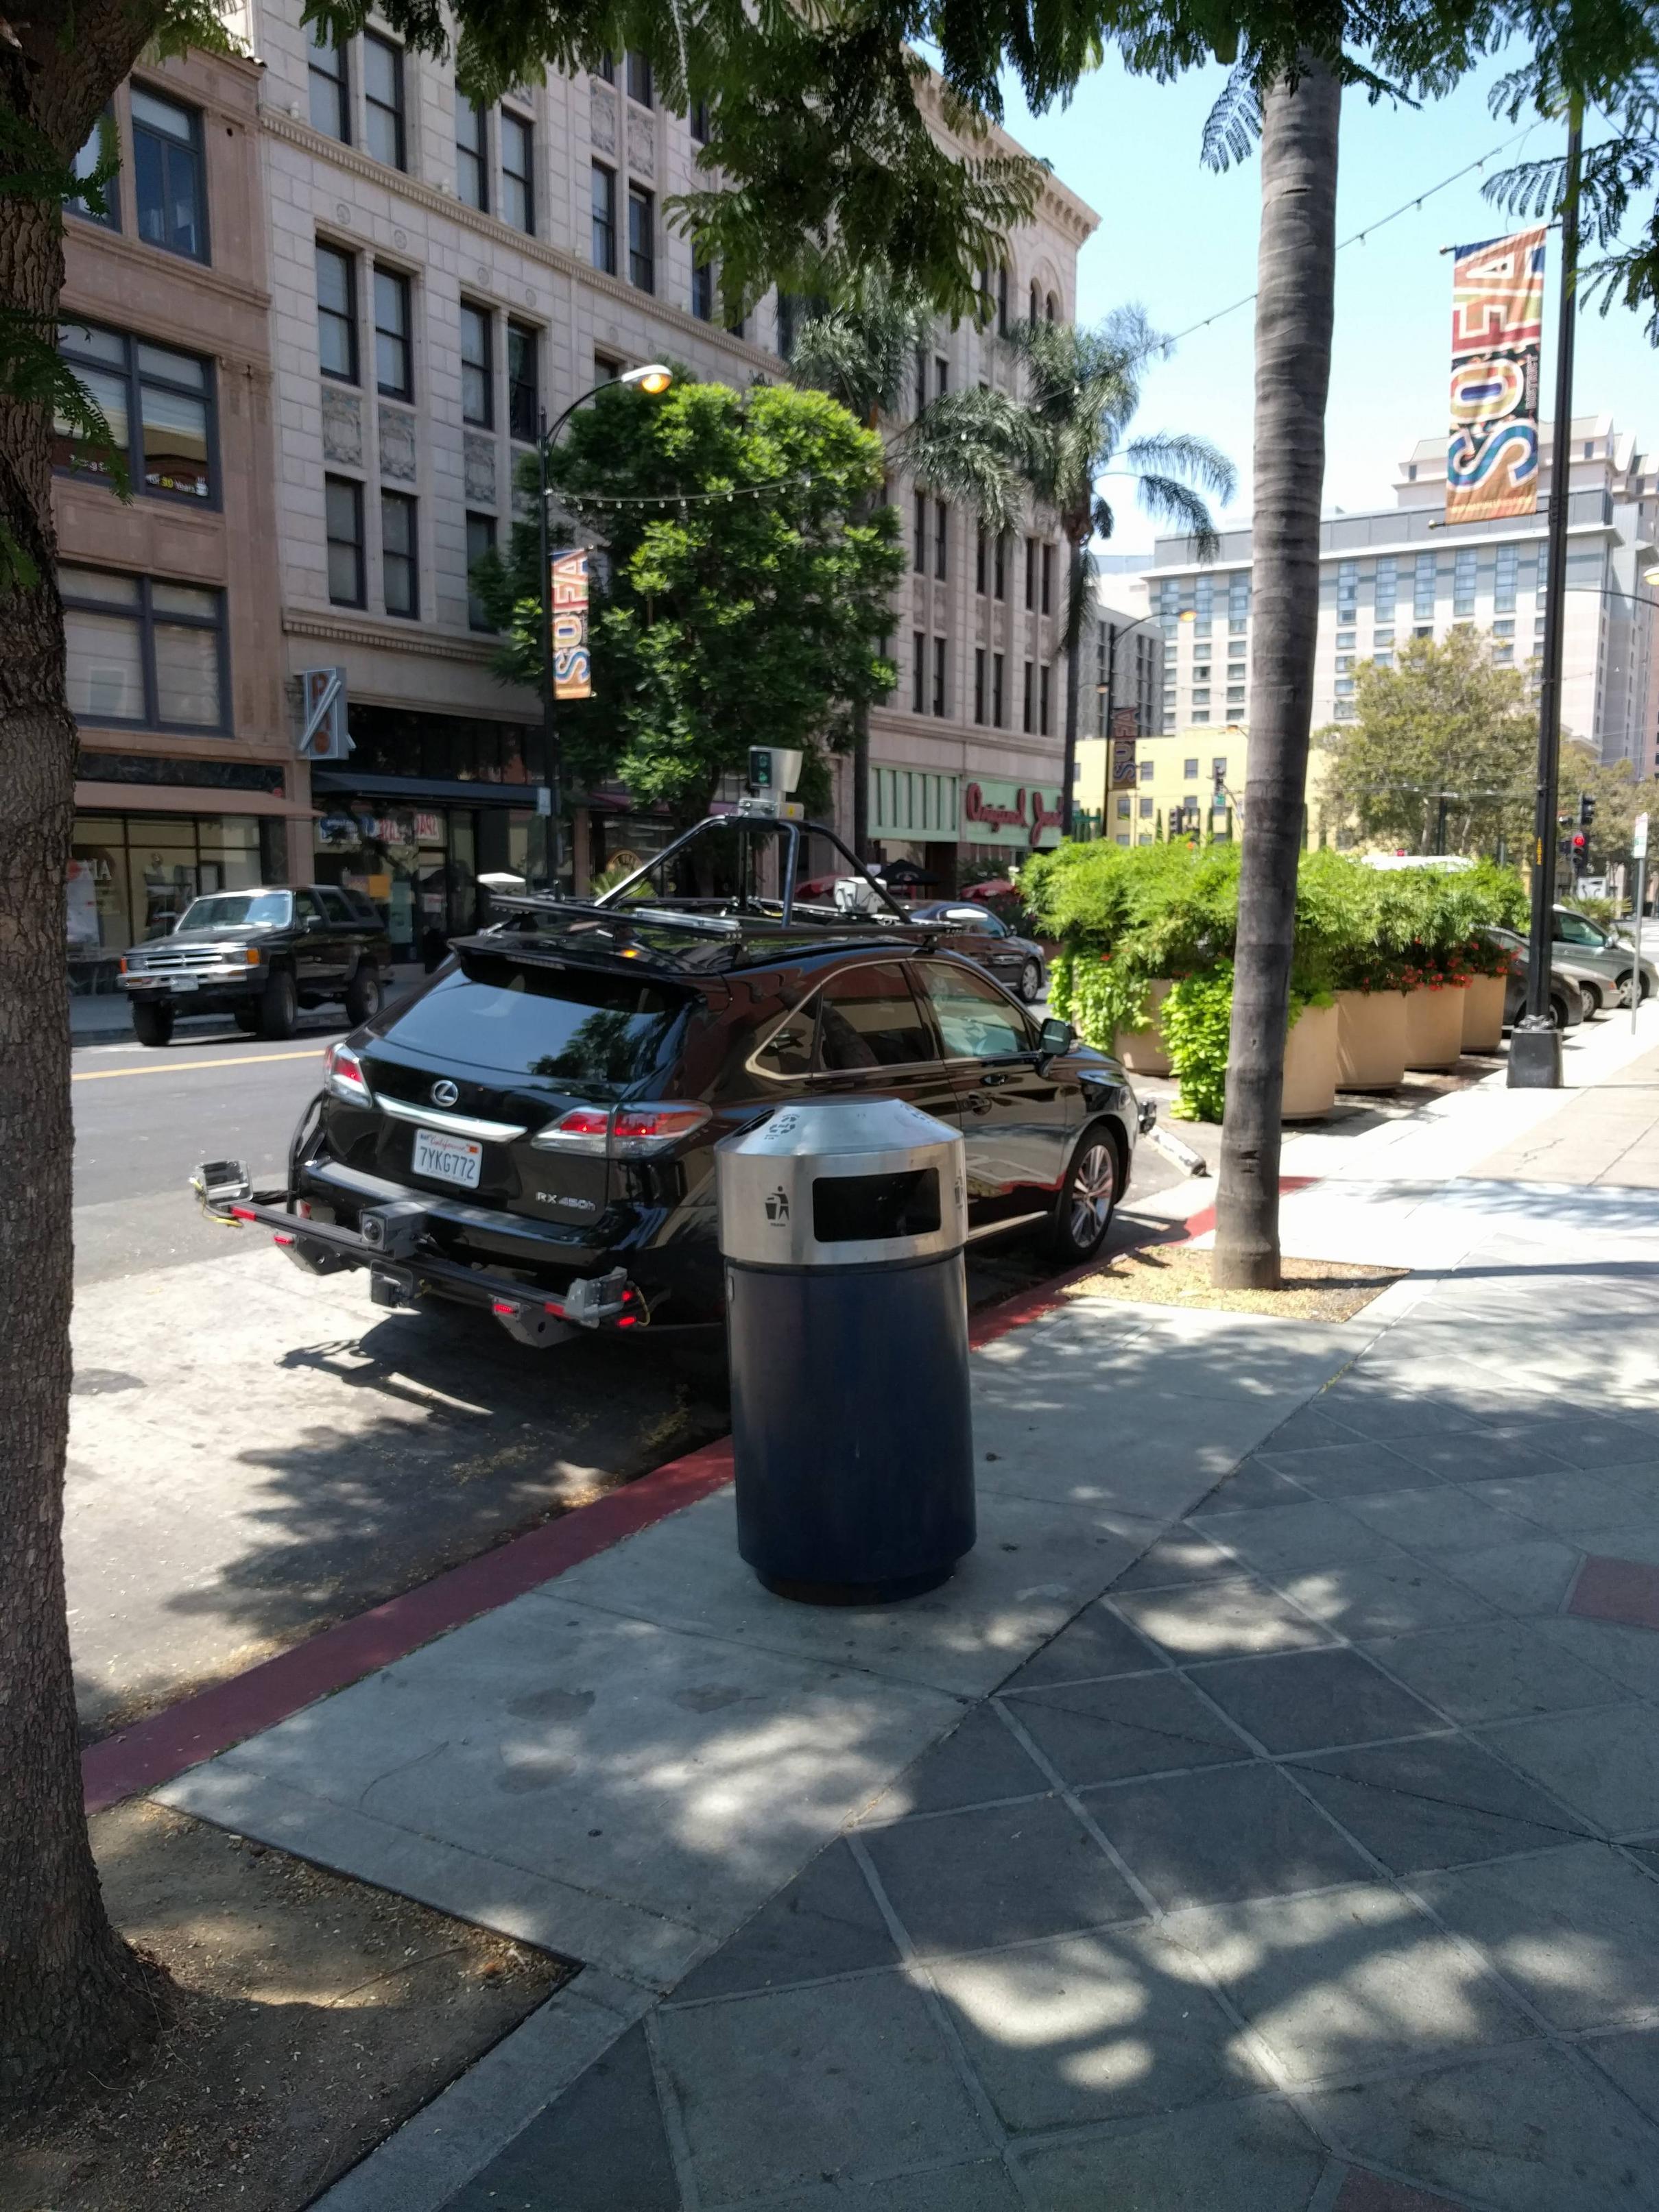 Apple autonomous car in San Jose